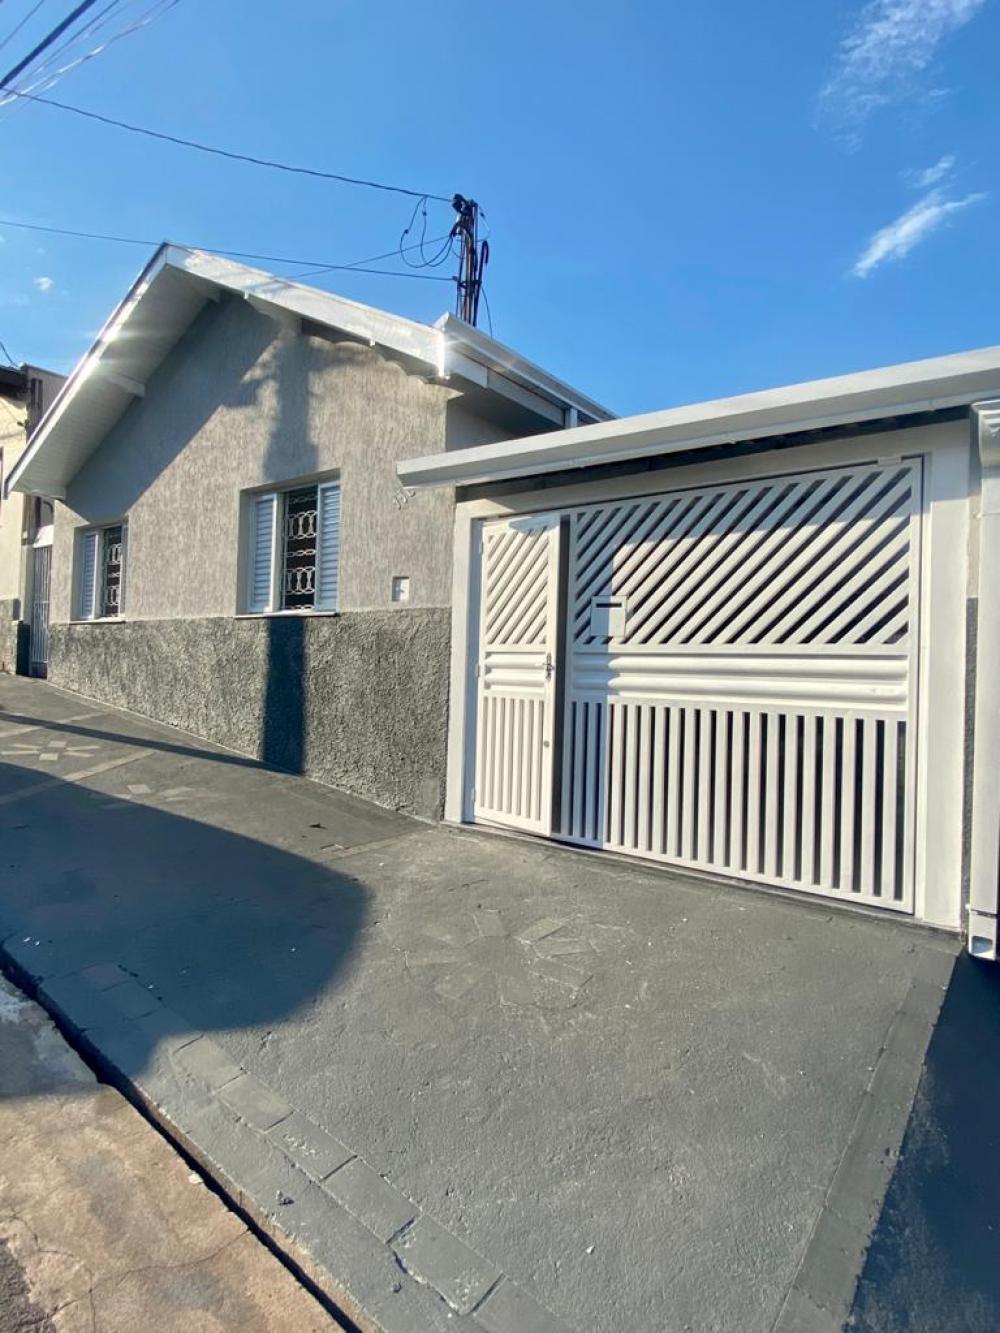 Casa totalmente reformada em excelente localização. 144 m2 distribuídos em ampla sala, cozinha com gabinete, 3 quartos, banheiro social, banheiro externo, despensa, lavanderia coberta e amplo quintal. 3 vagas de garagem.